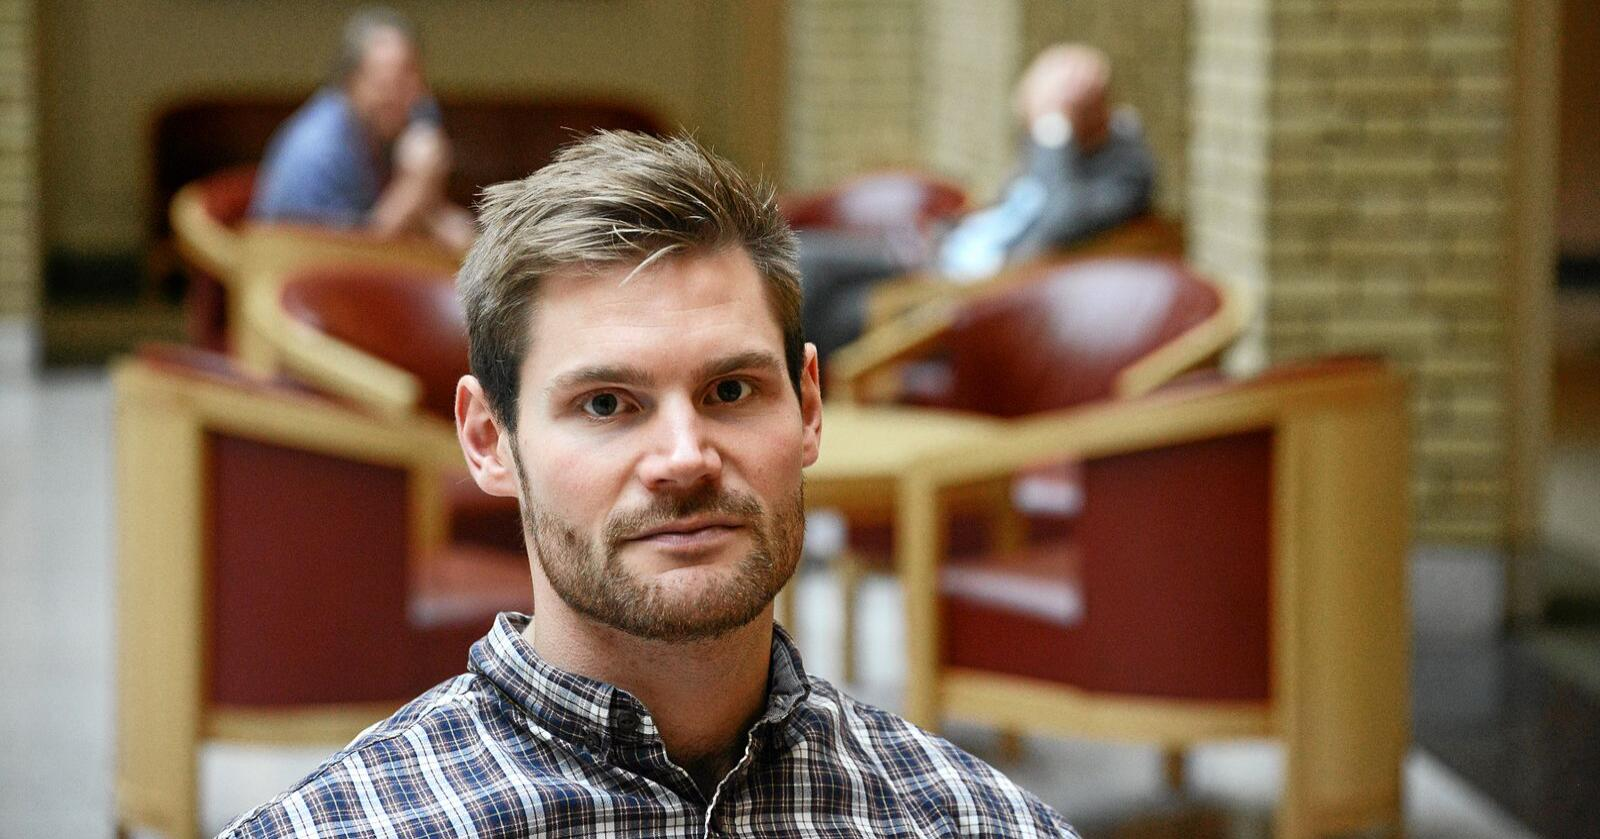 Nils Kristian Sandtrøen, politiker for Ap og varaordfører på Tynset fra 2015.  Foto: Siri Juell Rasmussen